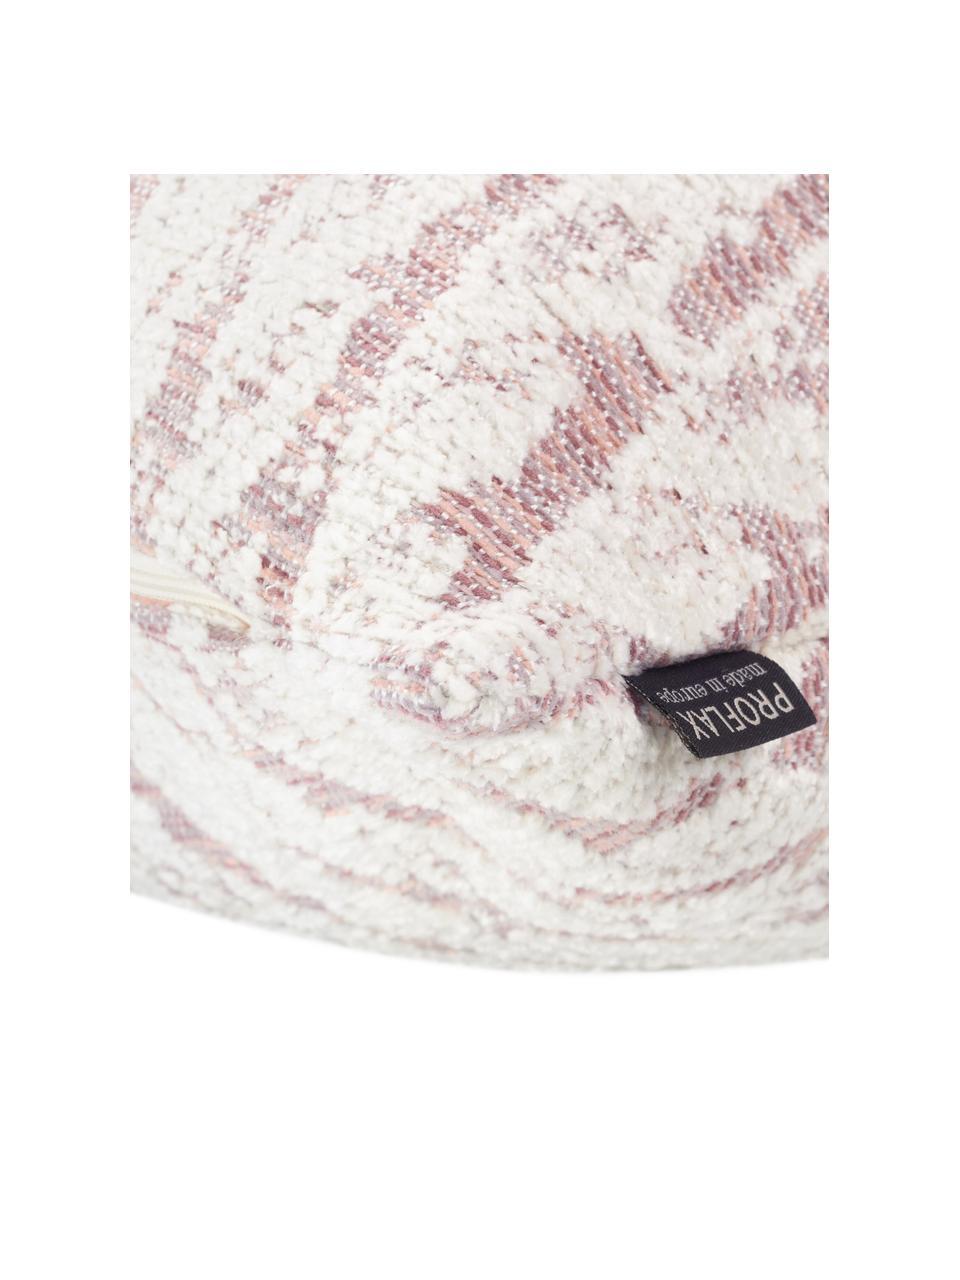 Housse de coussin 40x40 rose/blanc Illinois, Rose, blanc